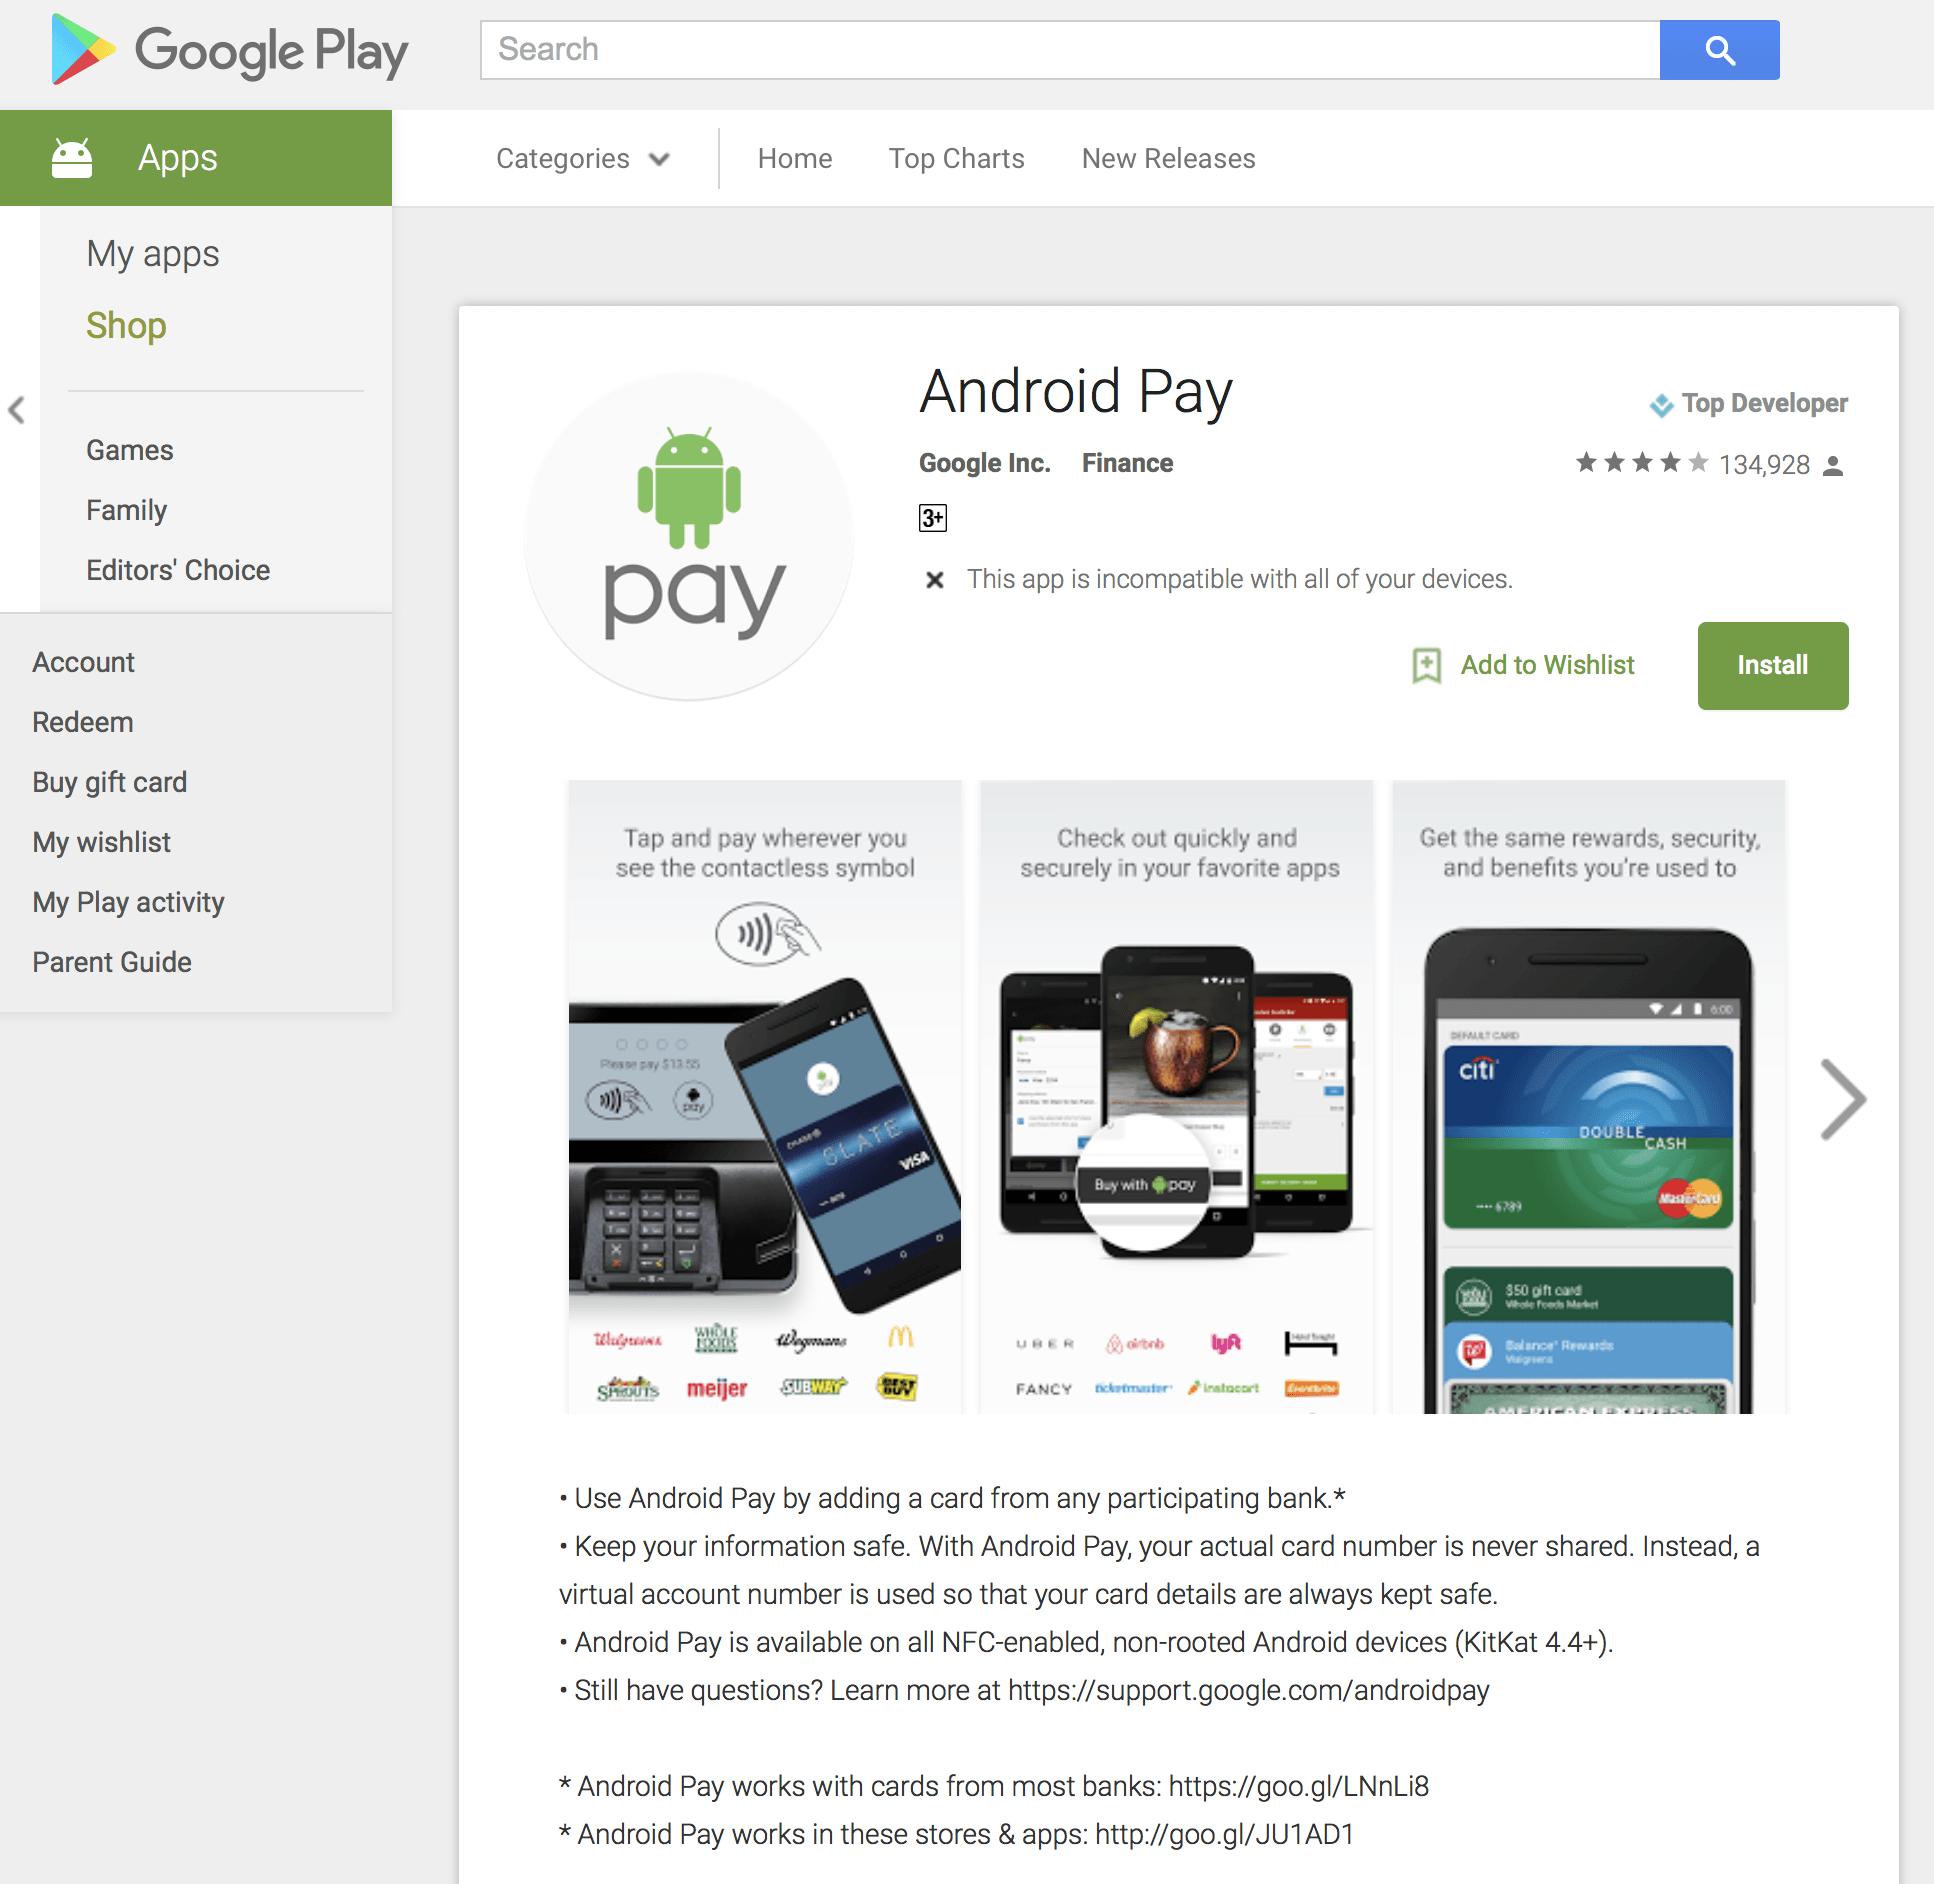 香港 Android Pay HK 啟用 ! 一文看盡 信用咭 + 商店 +手機 及常見問題 FAQ 懶人包